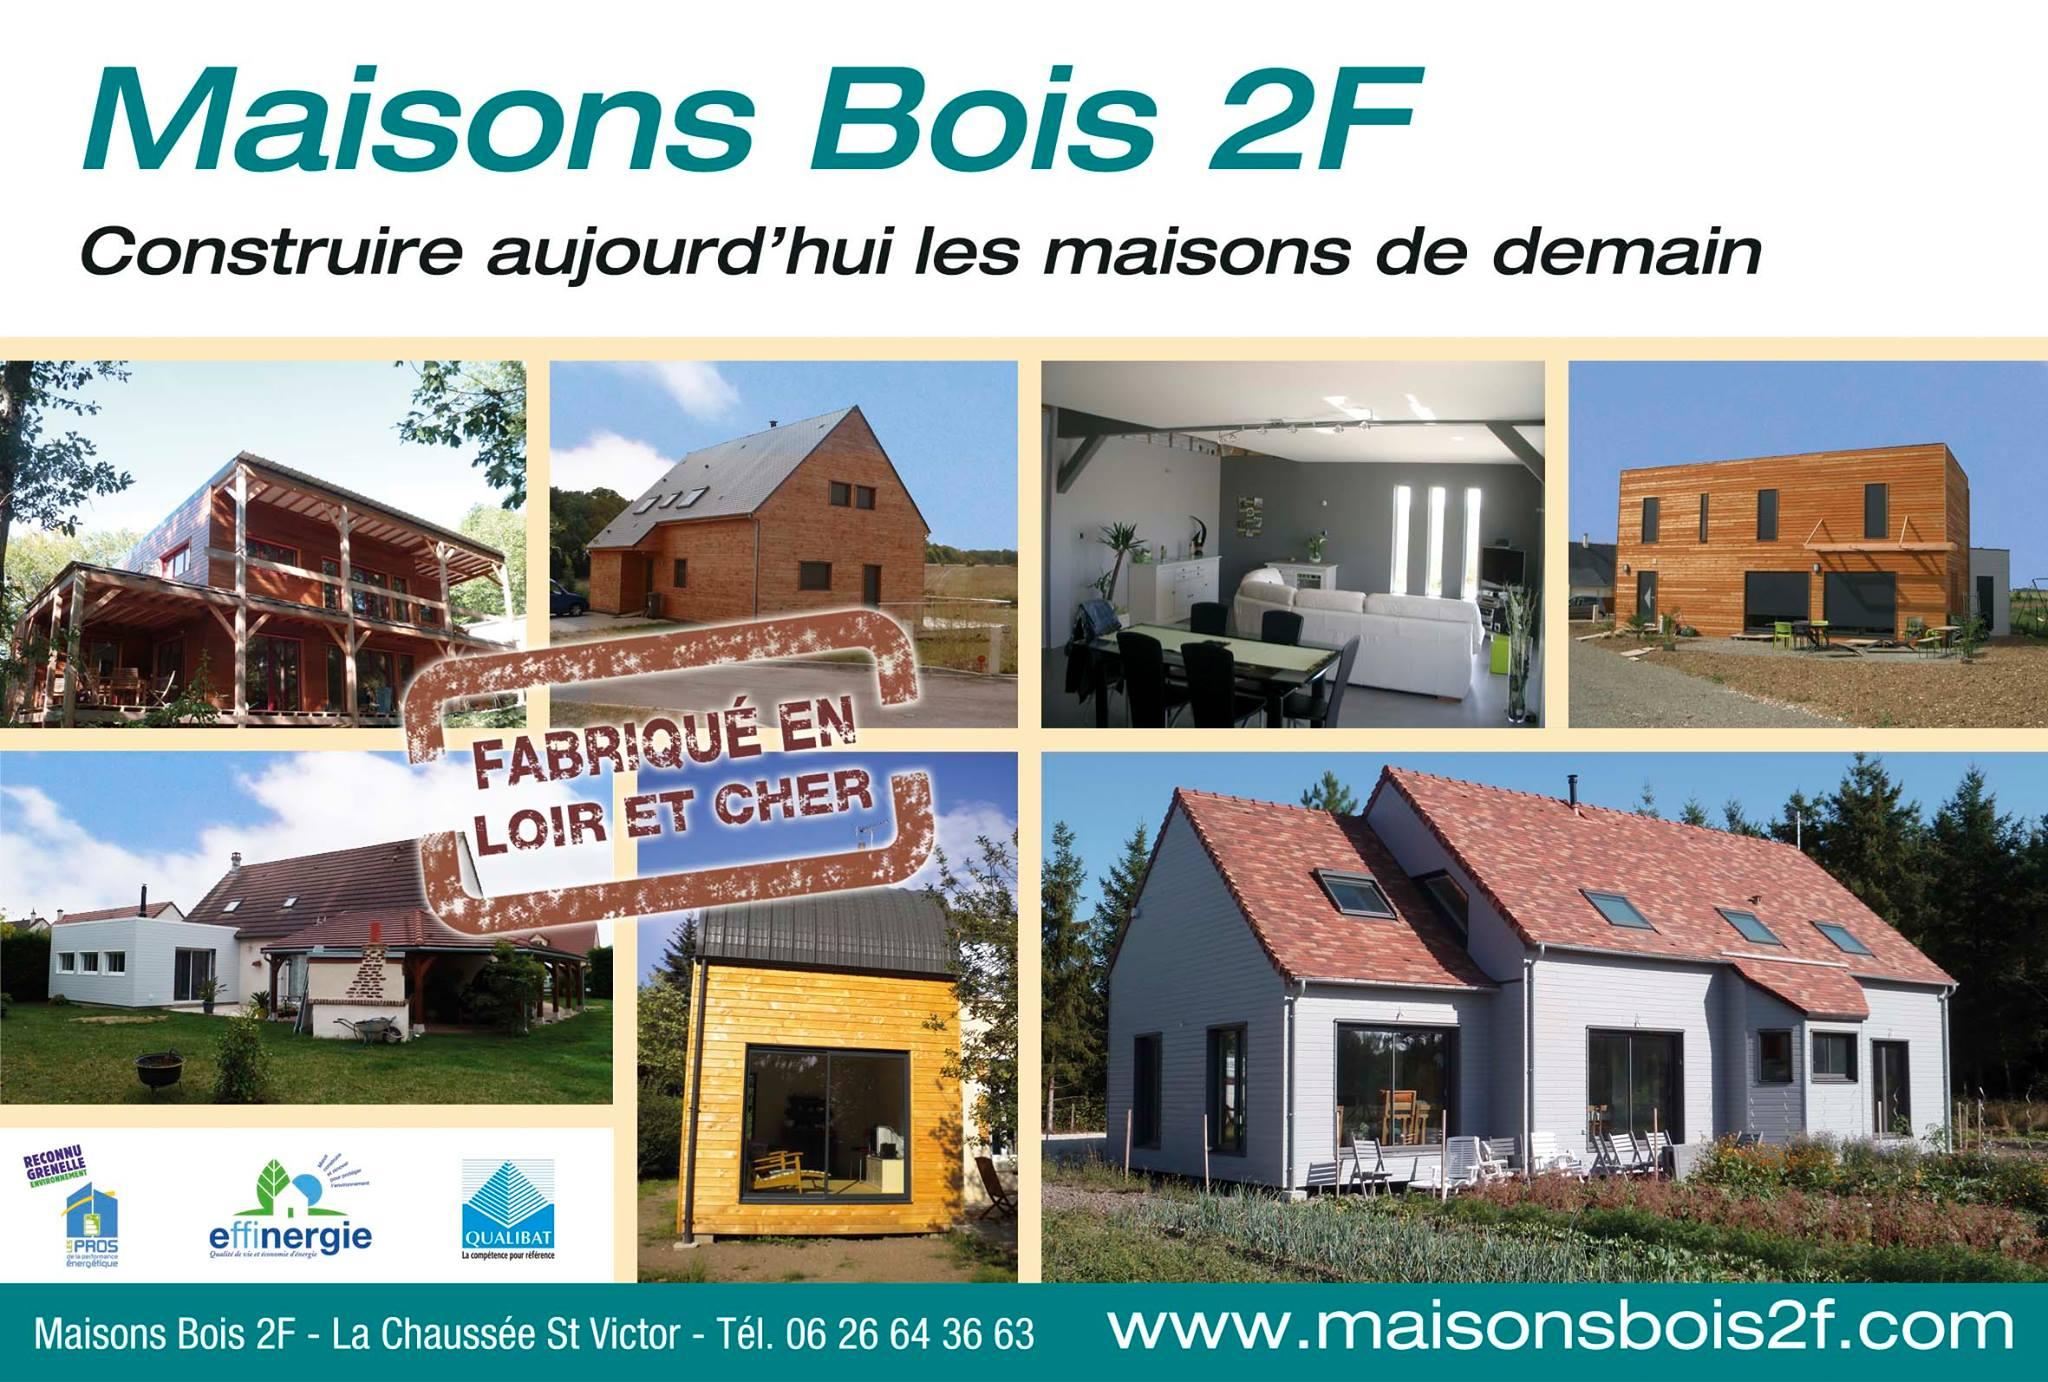 Constructeur Maison En Bois Loir Et Cher maisons bois 2f - constructeur de maisons - blois